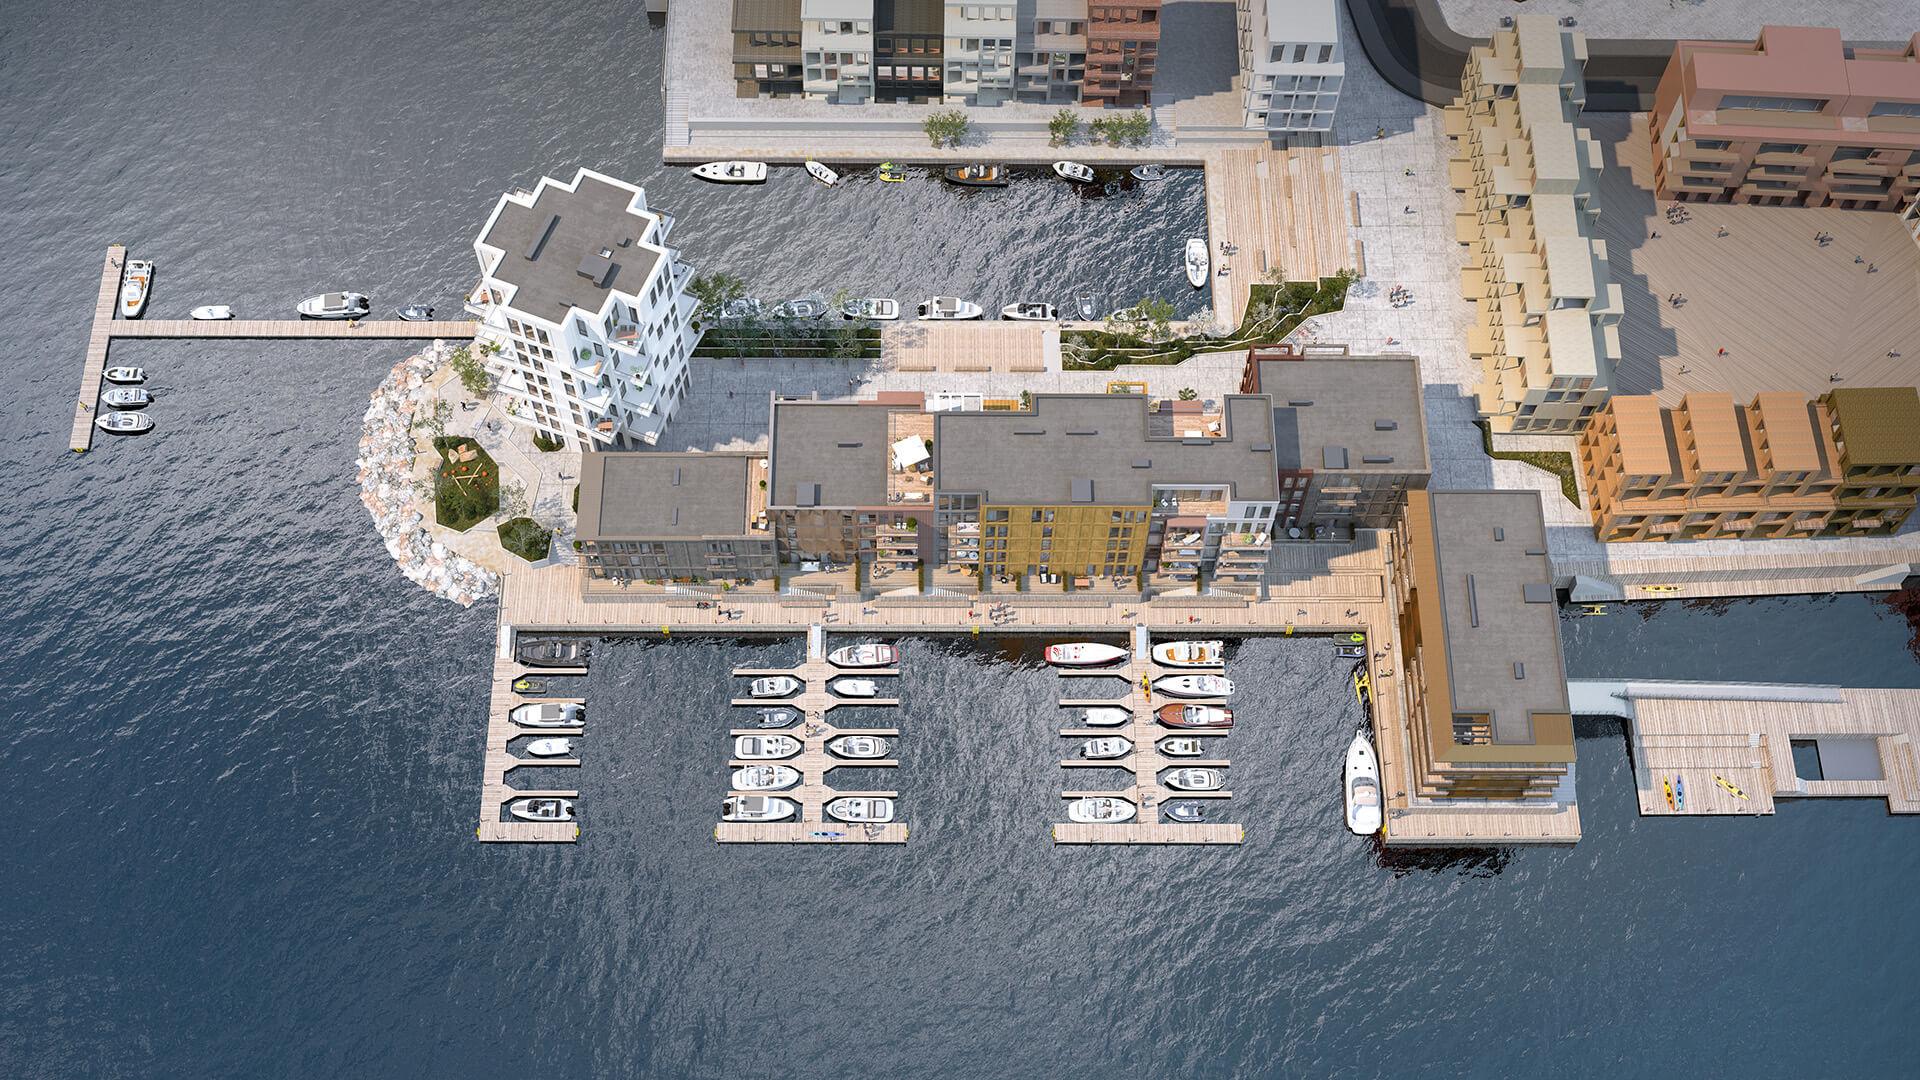 Bygg A, B, C, D og E ligger ytterst på Piren, omsluttet av sjø, og badet i sol. (Illustrasjonsbilde. Endringer kan forekomme.)